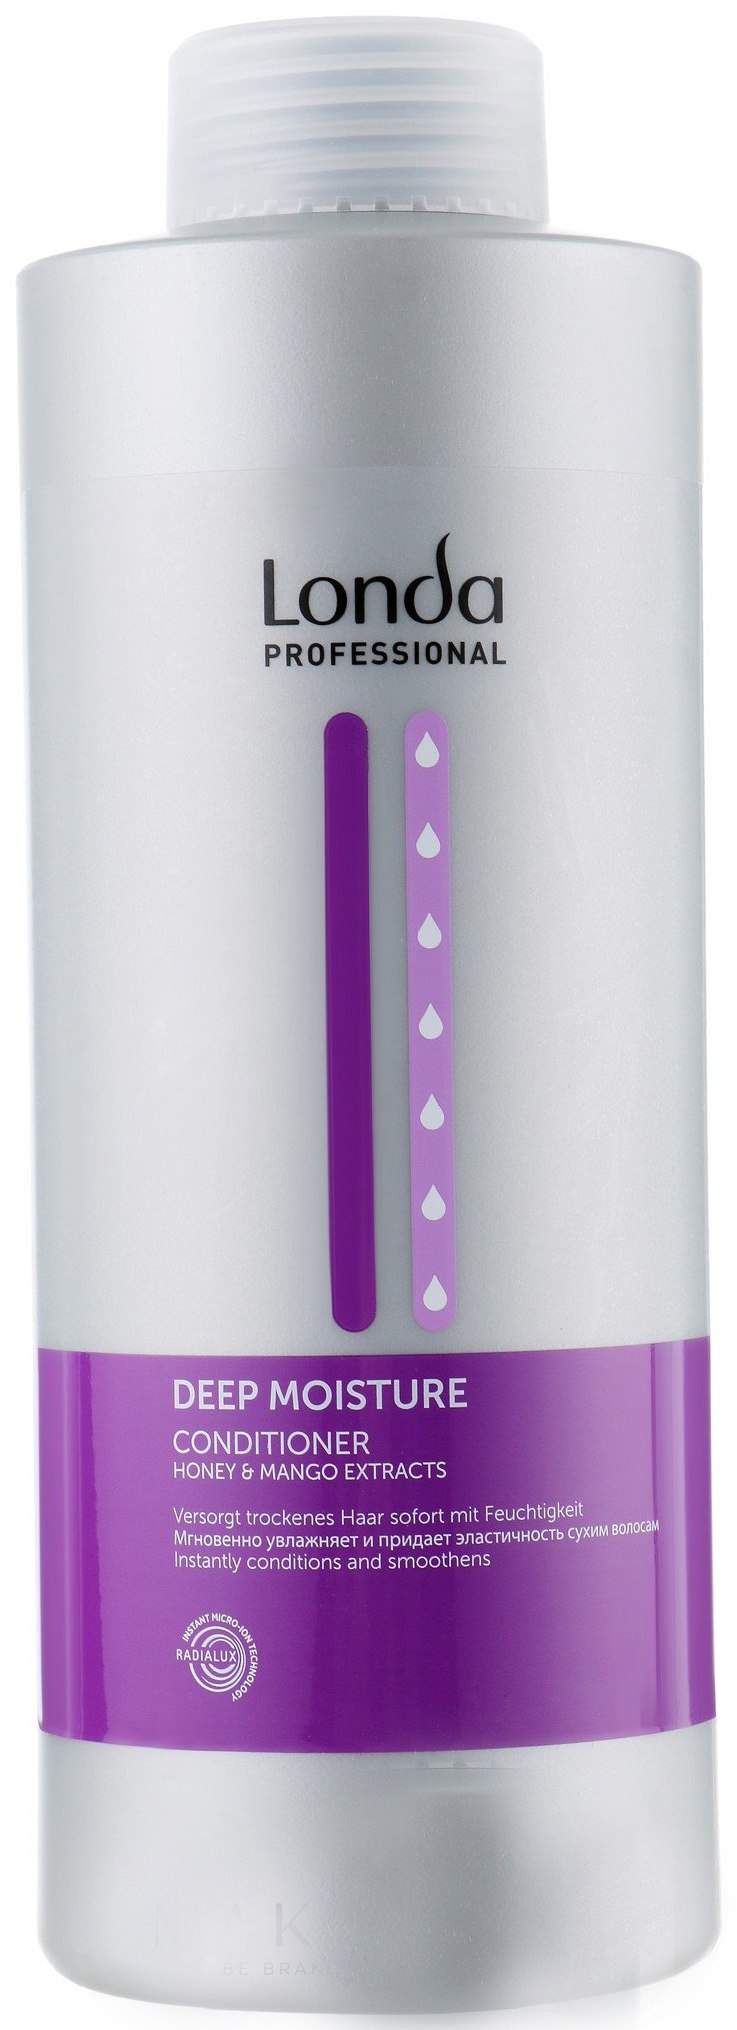 Купить Кондиционер для волос Londa Deep Moisture Conditioner 1000 мл, Londa Professional